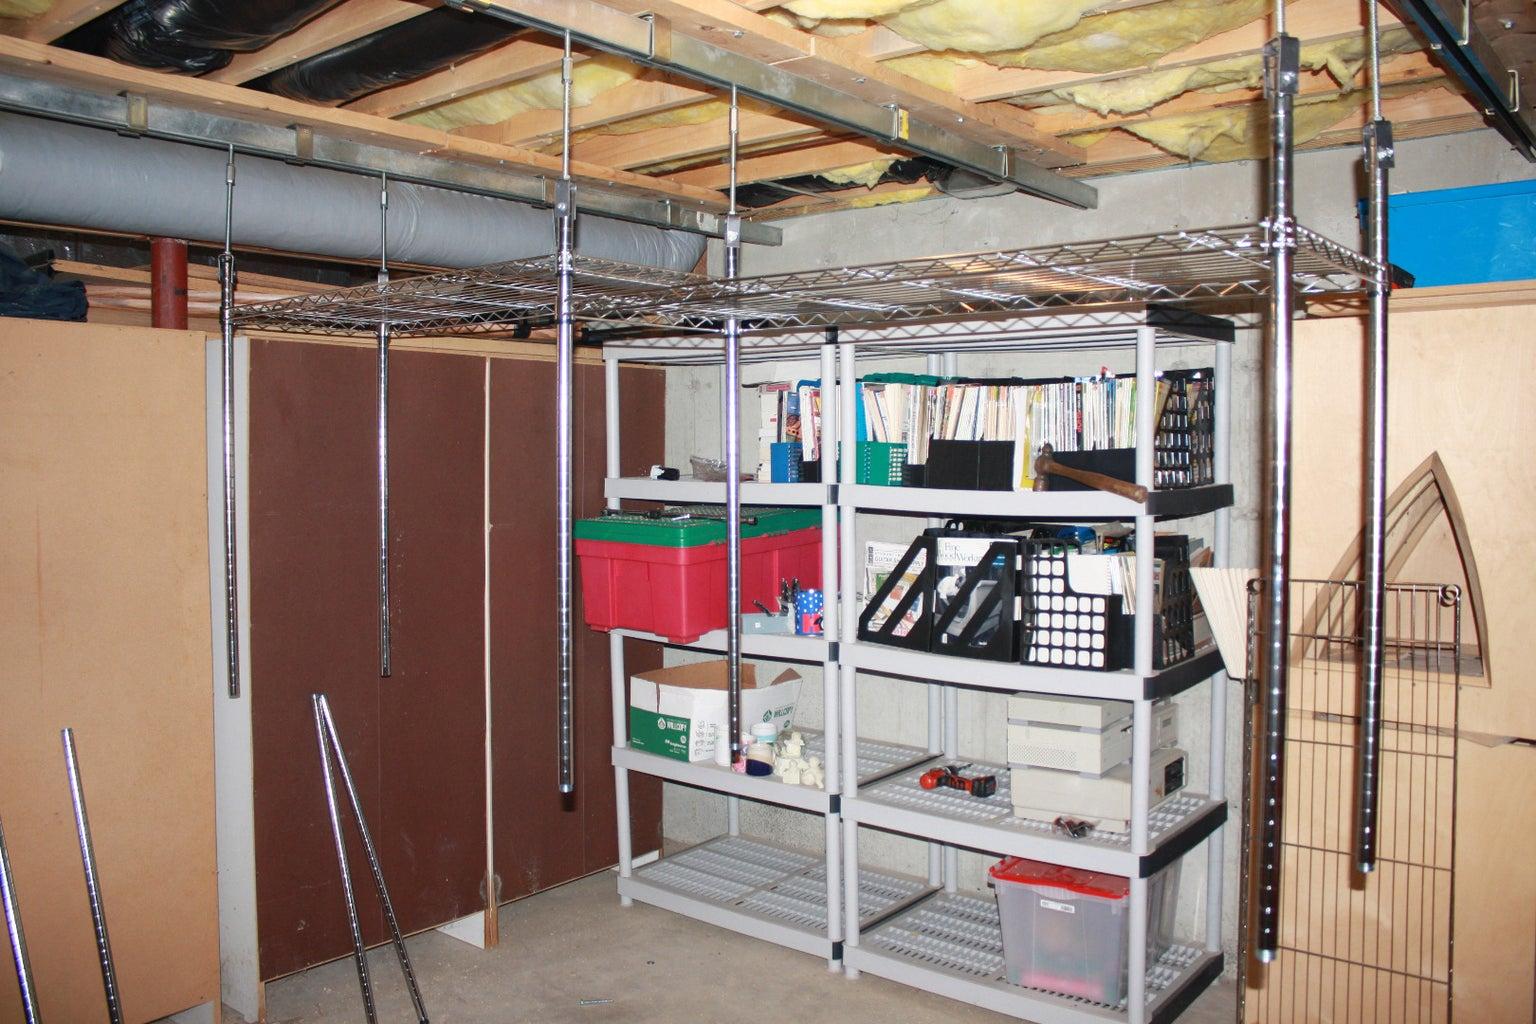 Assembling the Shelves